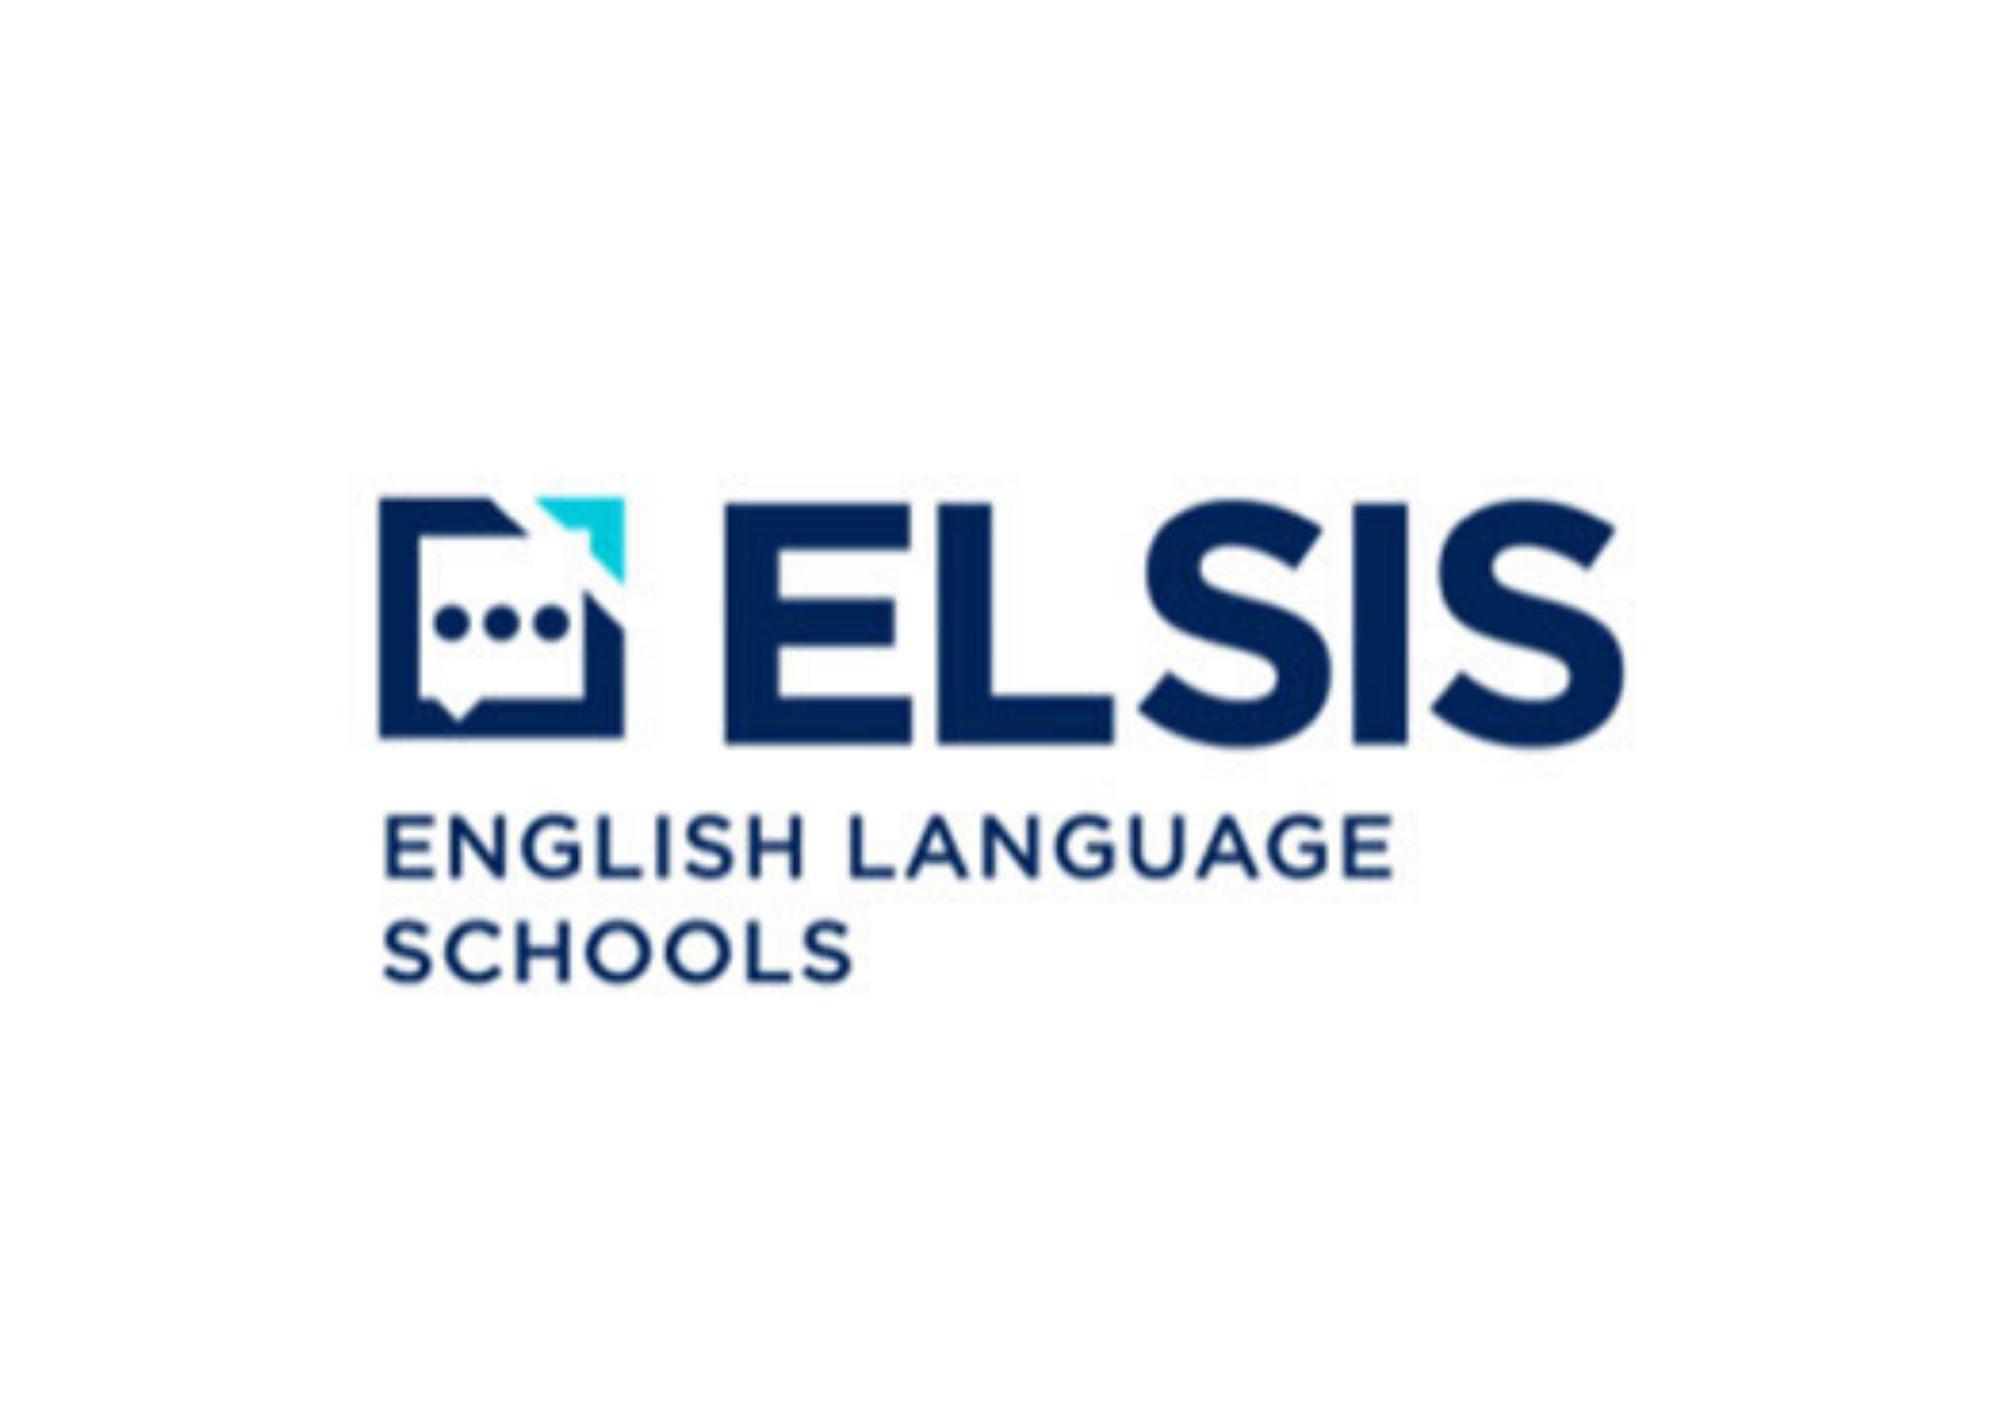 สถาบันสอนภาษา ประเทศออสเตรเลีย เรียนภาษาอังกฤษ